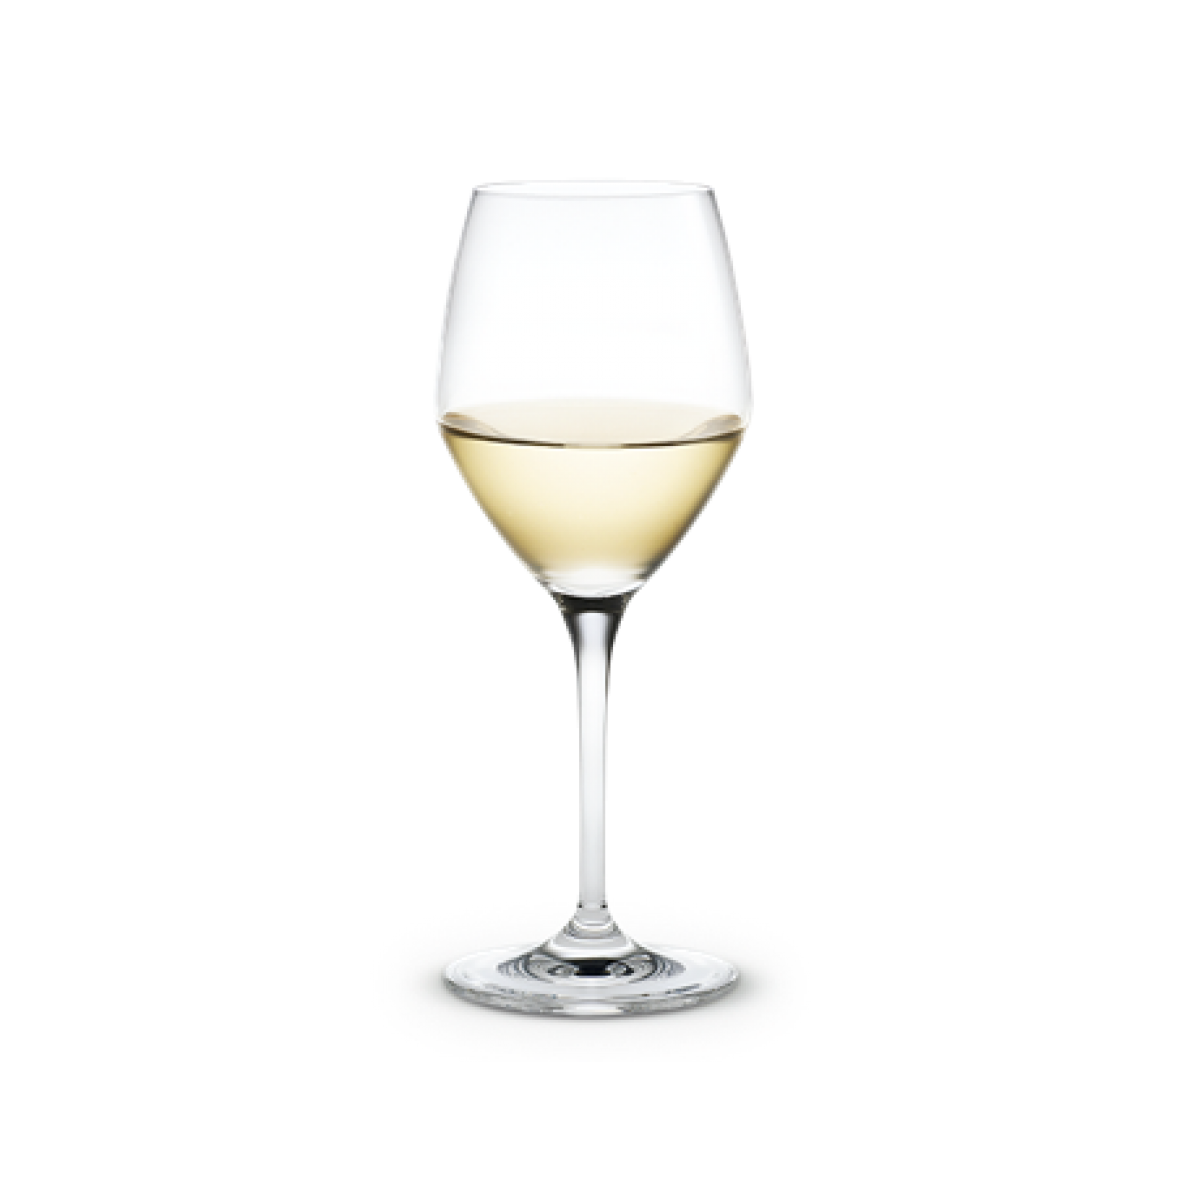 HOLMEGAARD Perfection hvidvinsglas 6 stk. 32 cl.